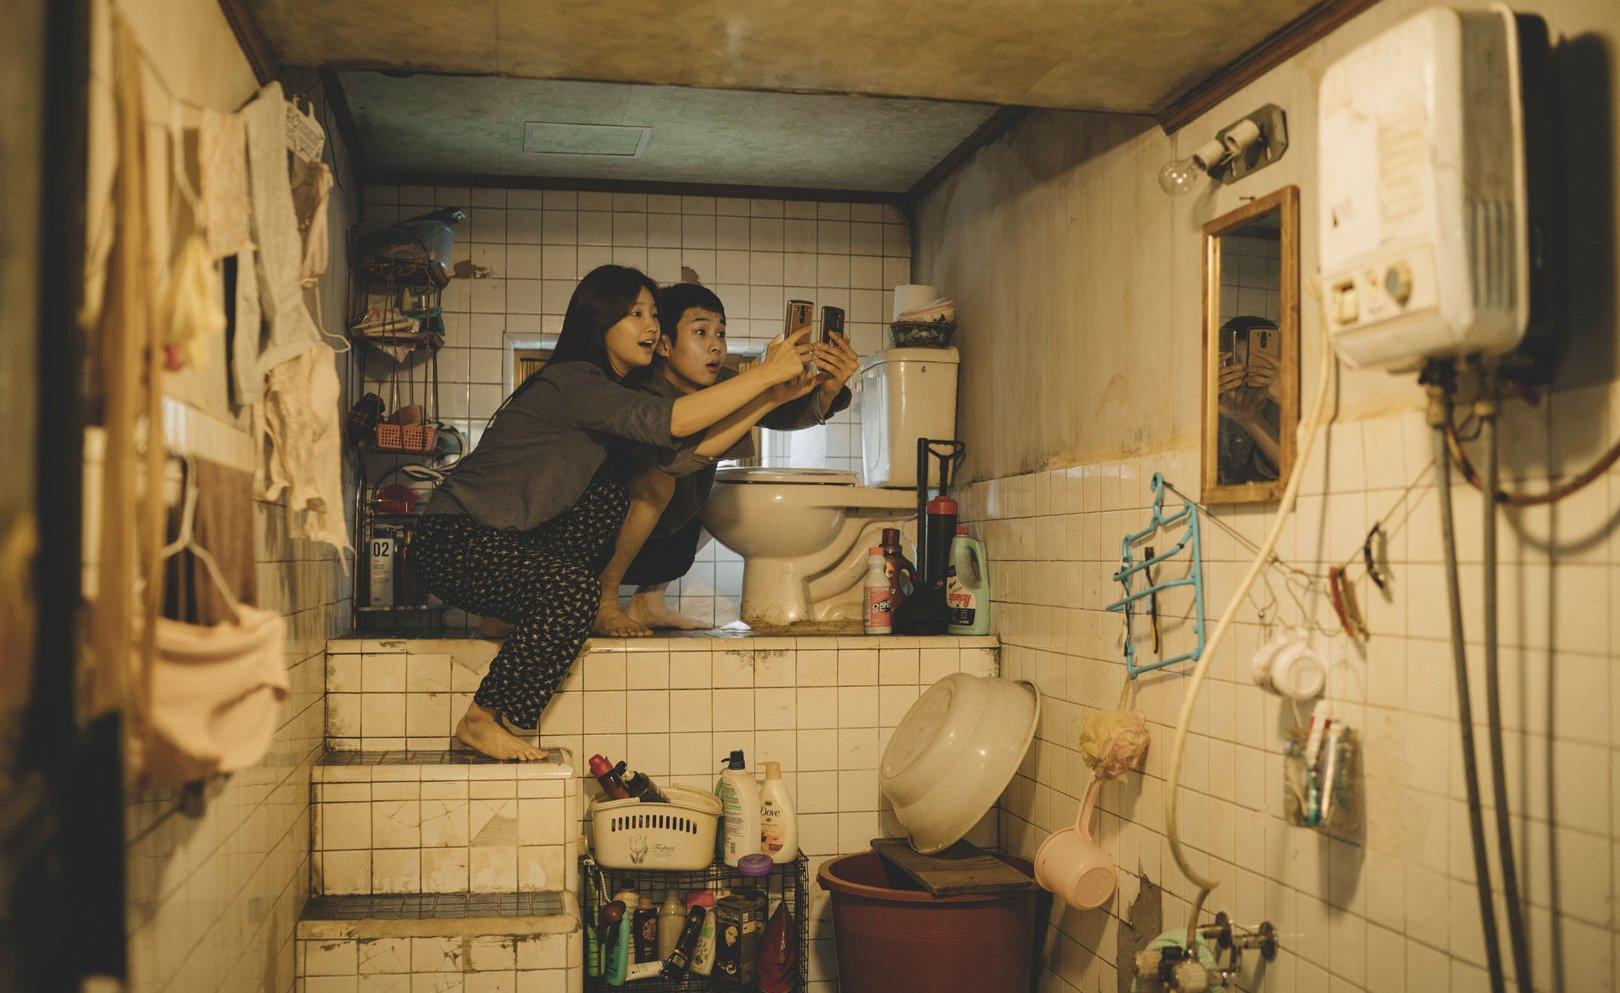 Фильм «Паразиты» – выстрел южнокорейского кинематографа или очередное кино-путаница? 14